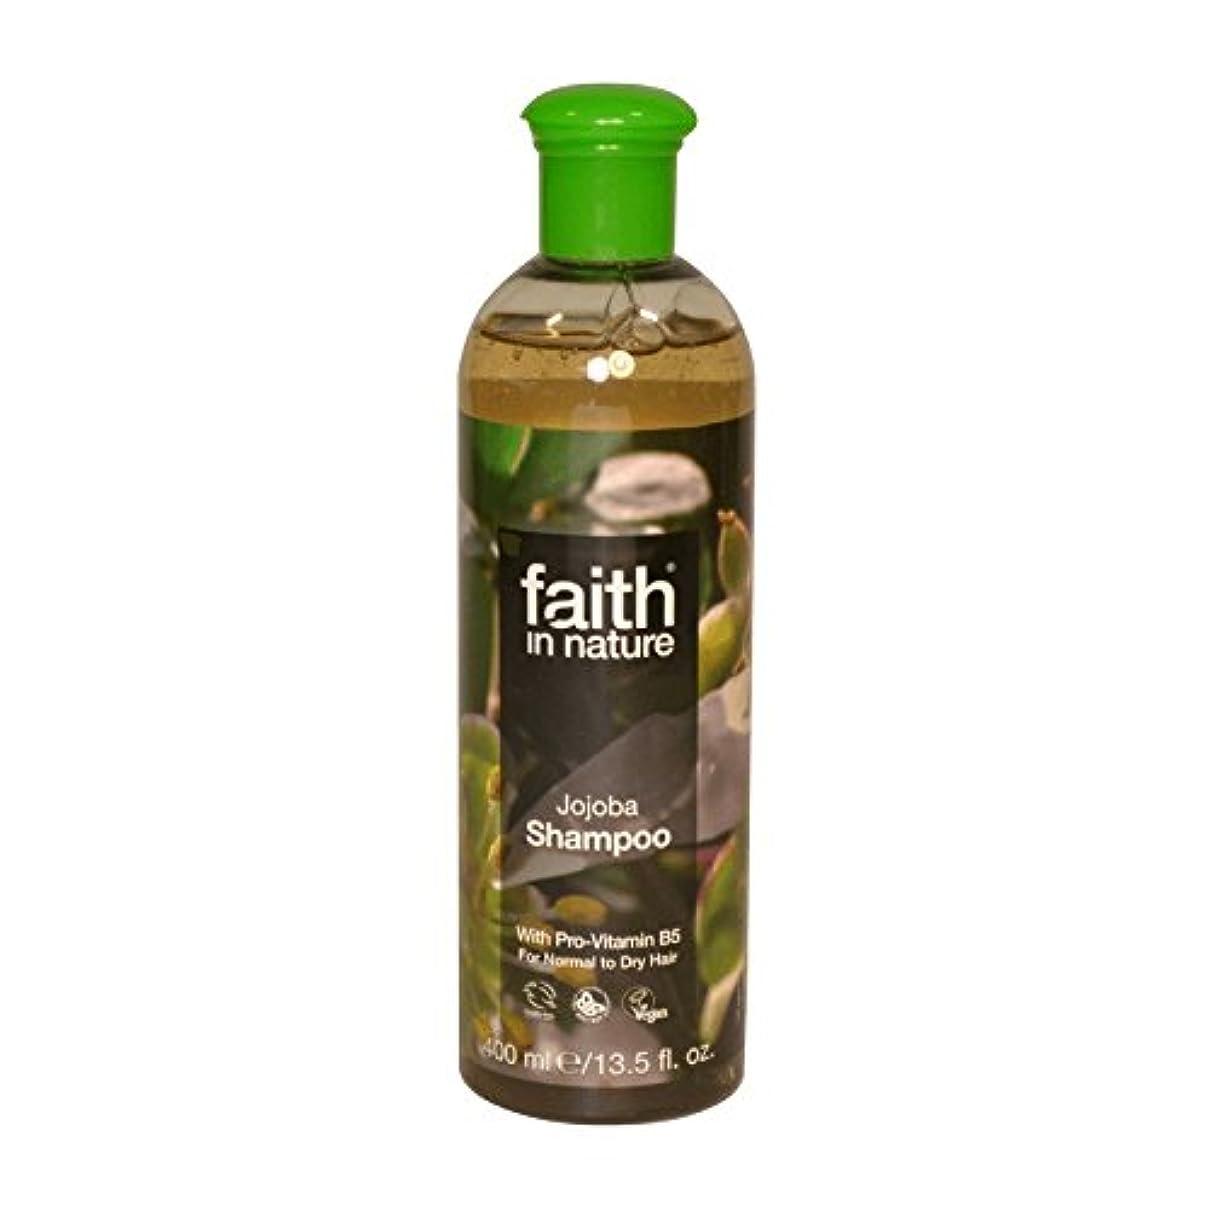 肥満平衡朝自然ホホバシャンプー400ミリリットルの信仰 - Faith in Nature Jojoba Shampoo 400ml (Faith in Nature) [並行輸入品]